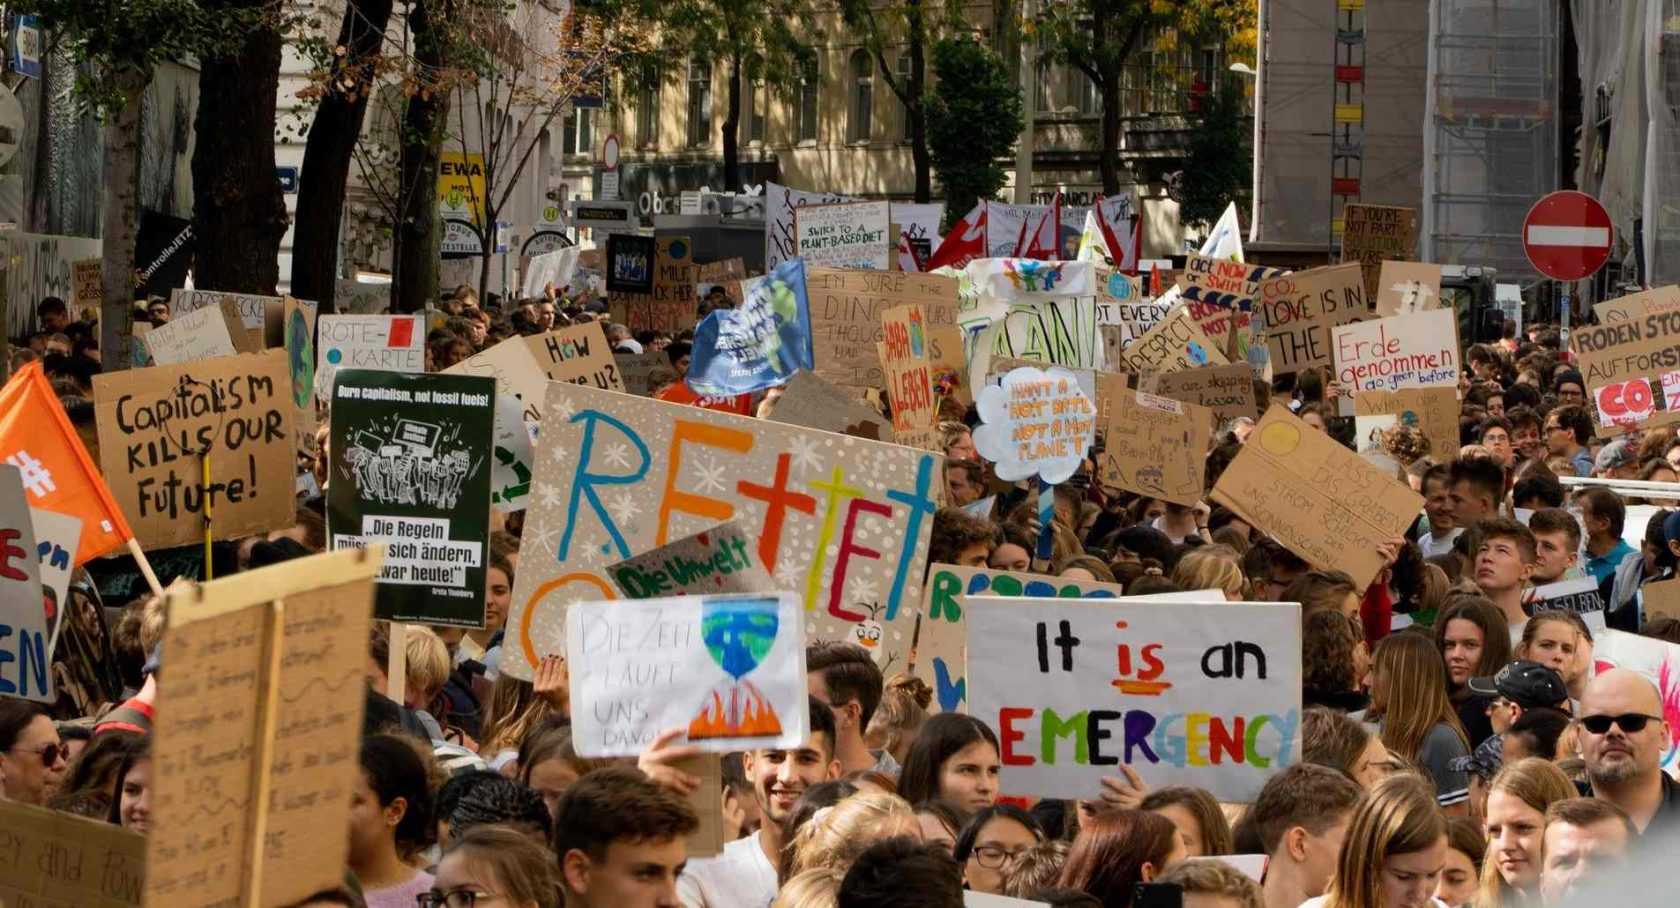 Clima: gli attivisti non violenti non devono essere criminalizzati